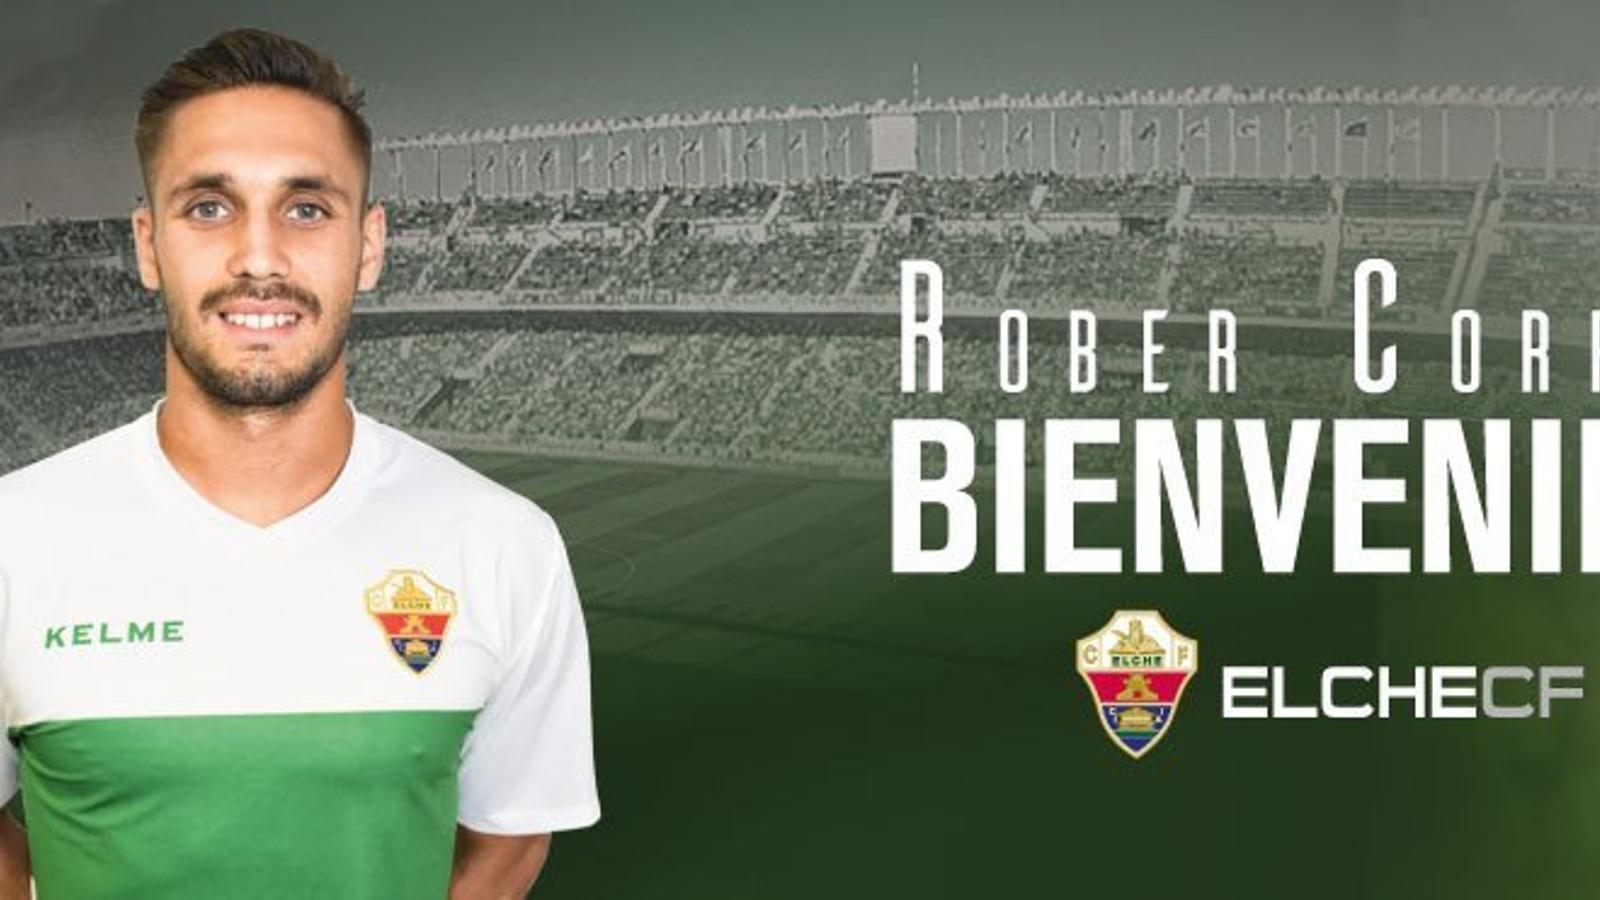 Rober Correa, cedit a l'Elx